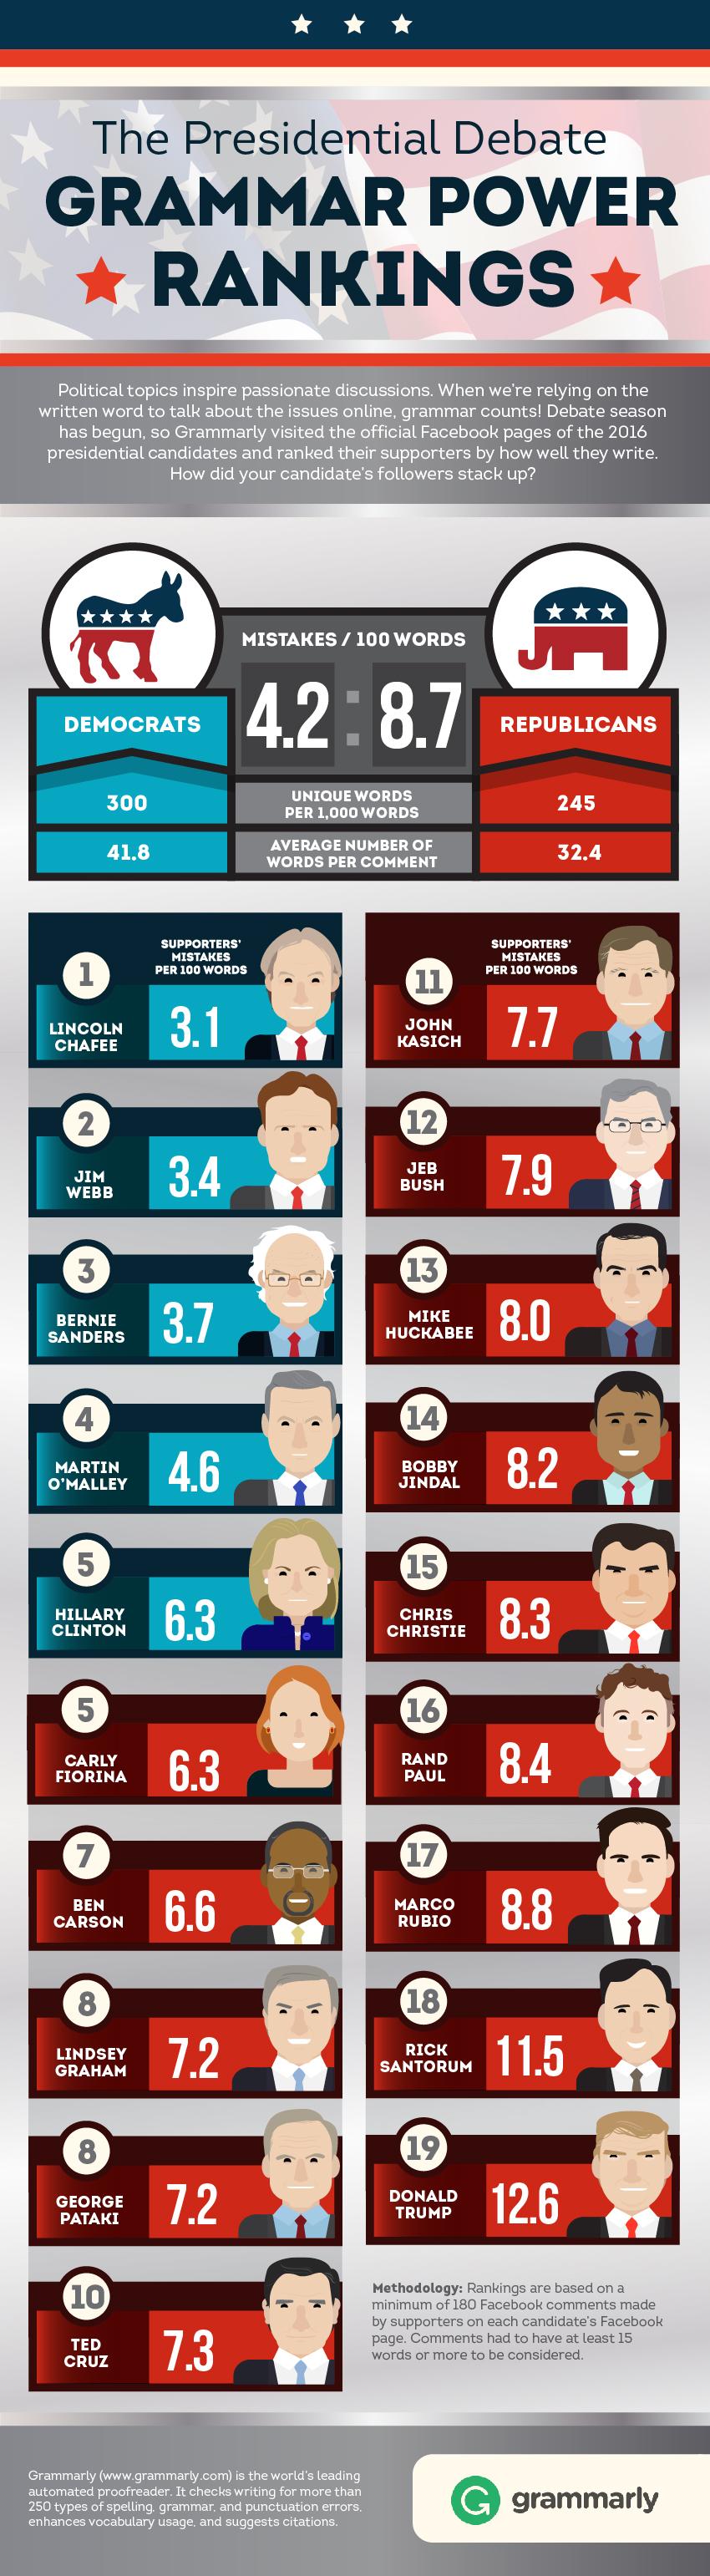 Presidential Debate Grammar Power Rankings Thumb